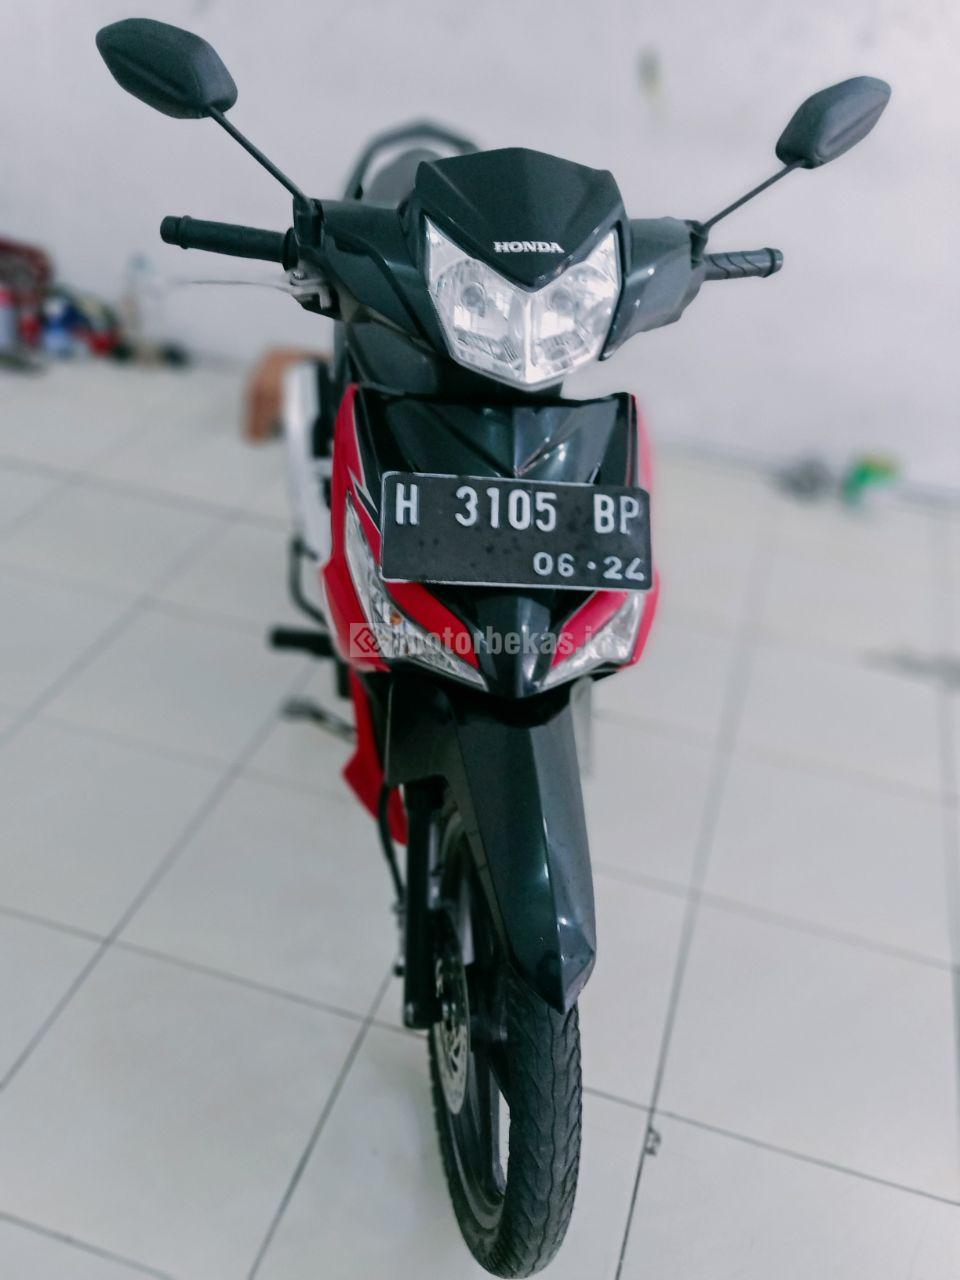 HONDA SUPRA X 125 FI 1567 motorbekas.id